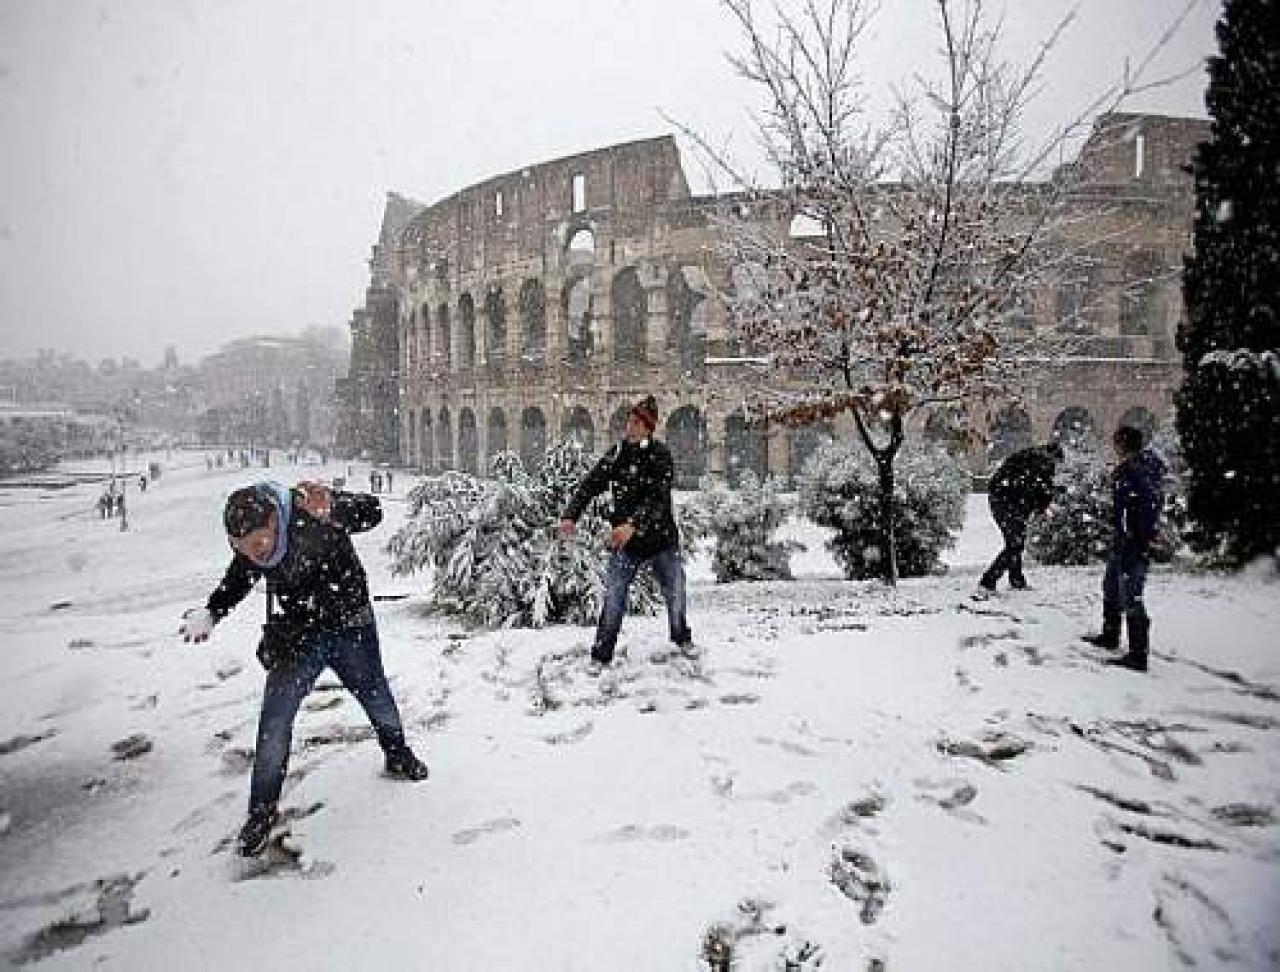 meteo roma la nevicata prevista ora per ora 3b meteo